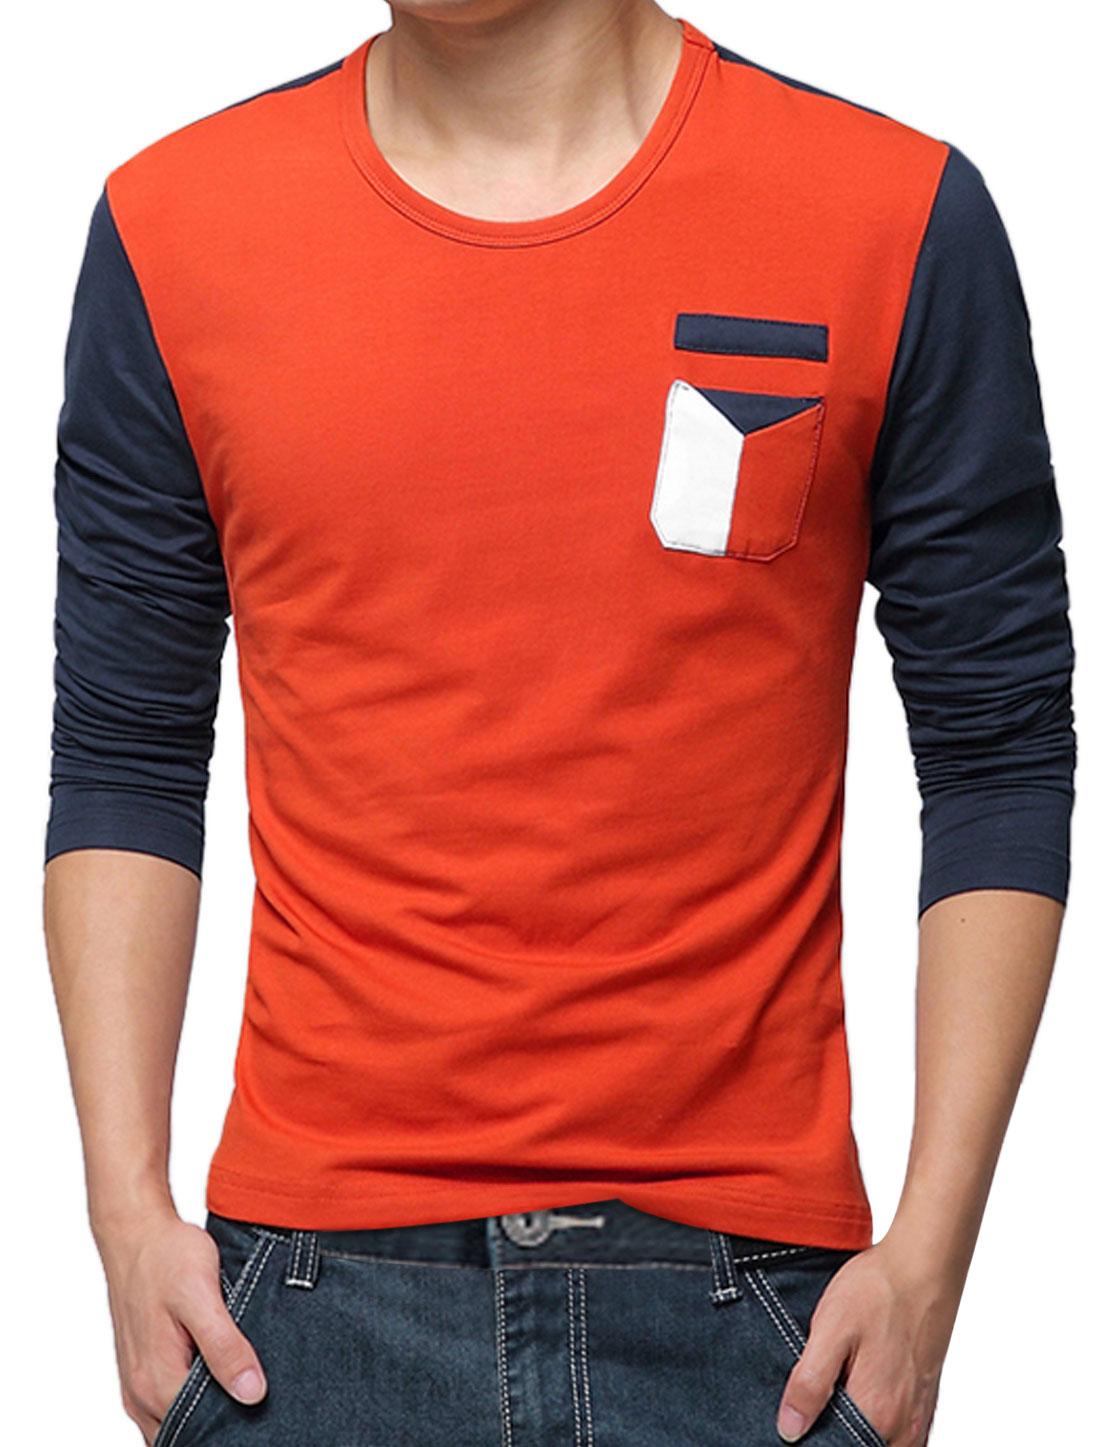 Men Long Sleeves Color Blocking Leisure Basic Top Orange Red M